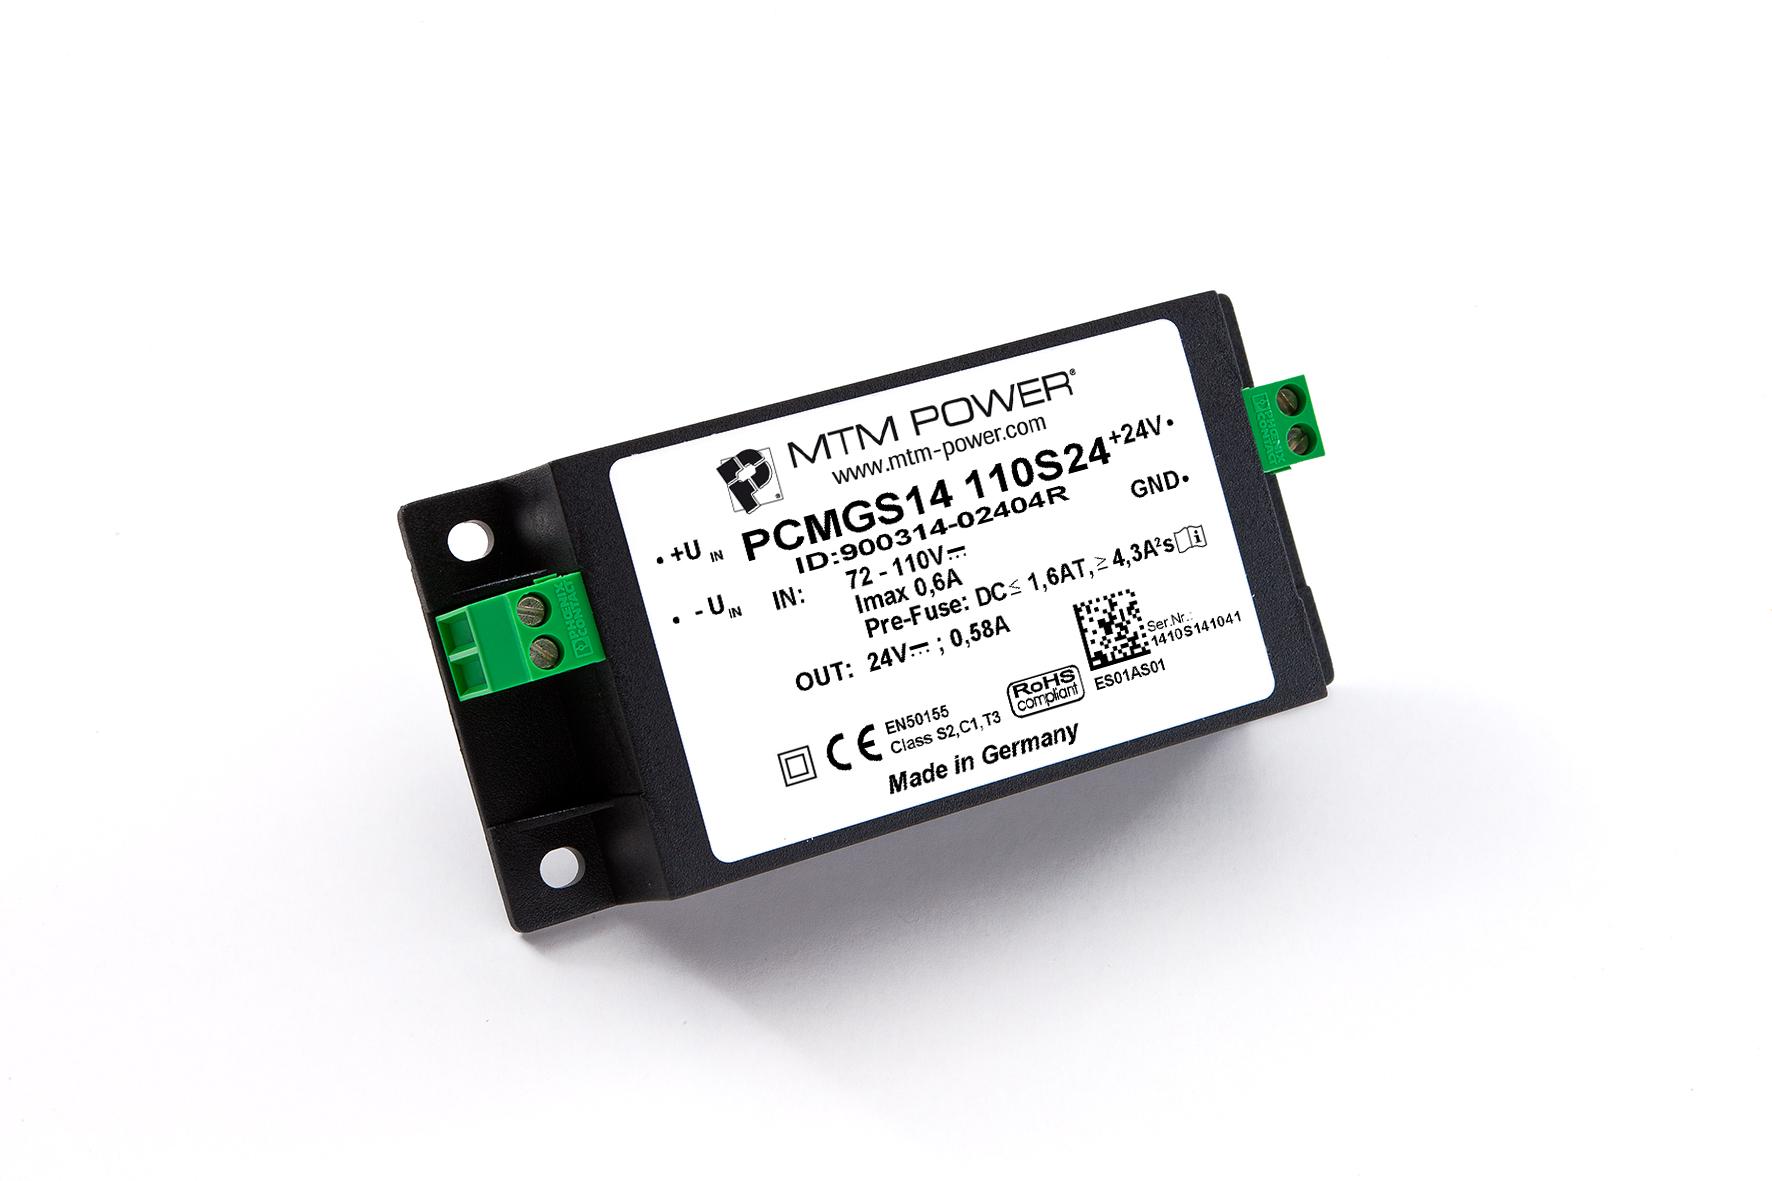 MTM Power GmbH, der Spezialist für individuelle Stromversorgungen, bietet in seiner umfangreichen Produktpalette DC/DC-W